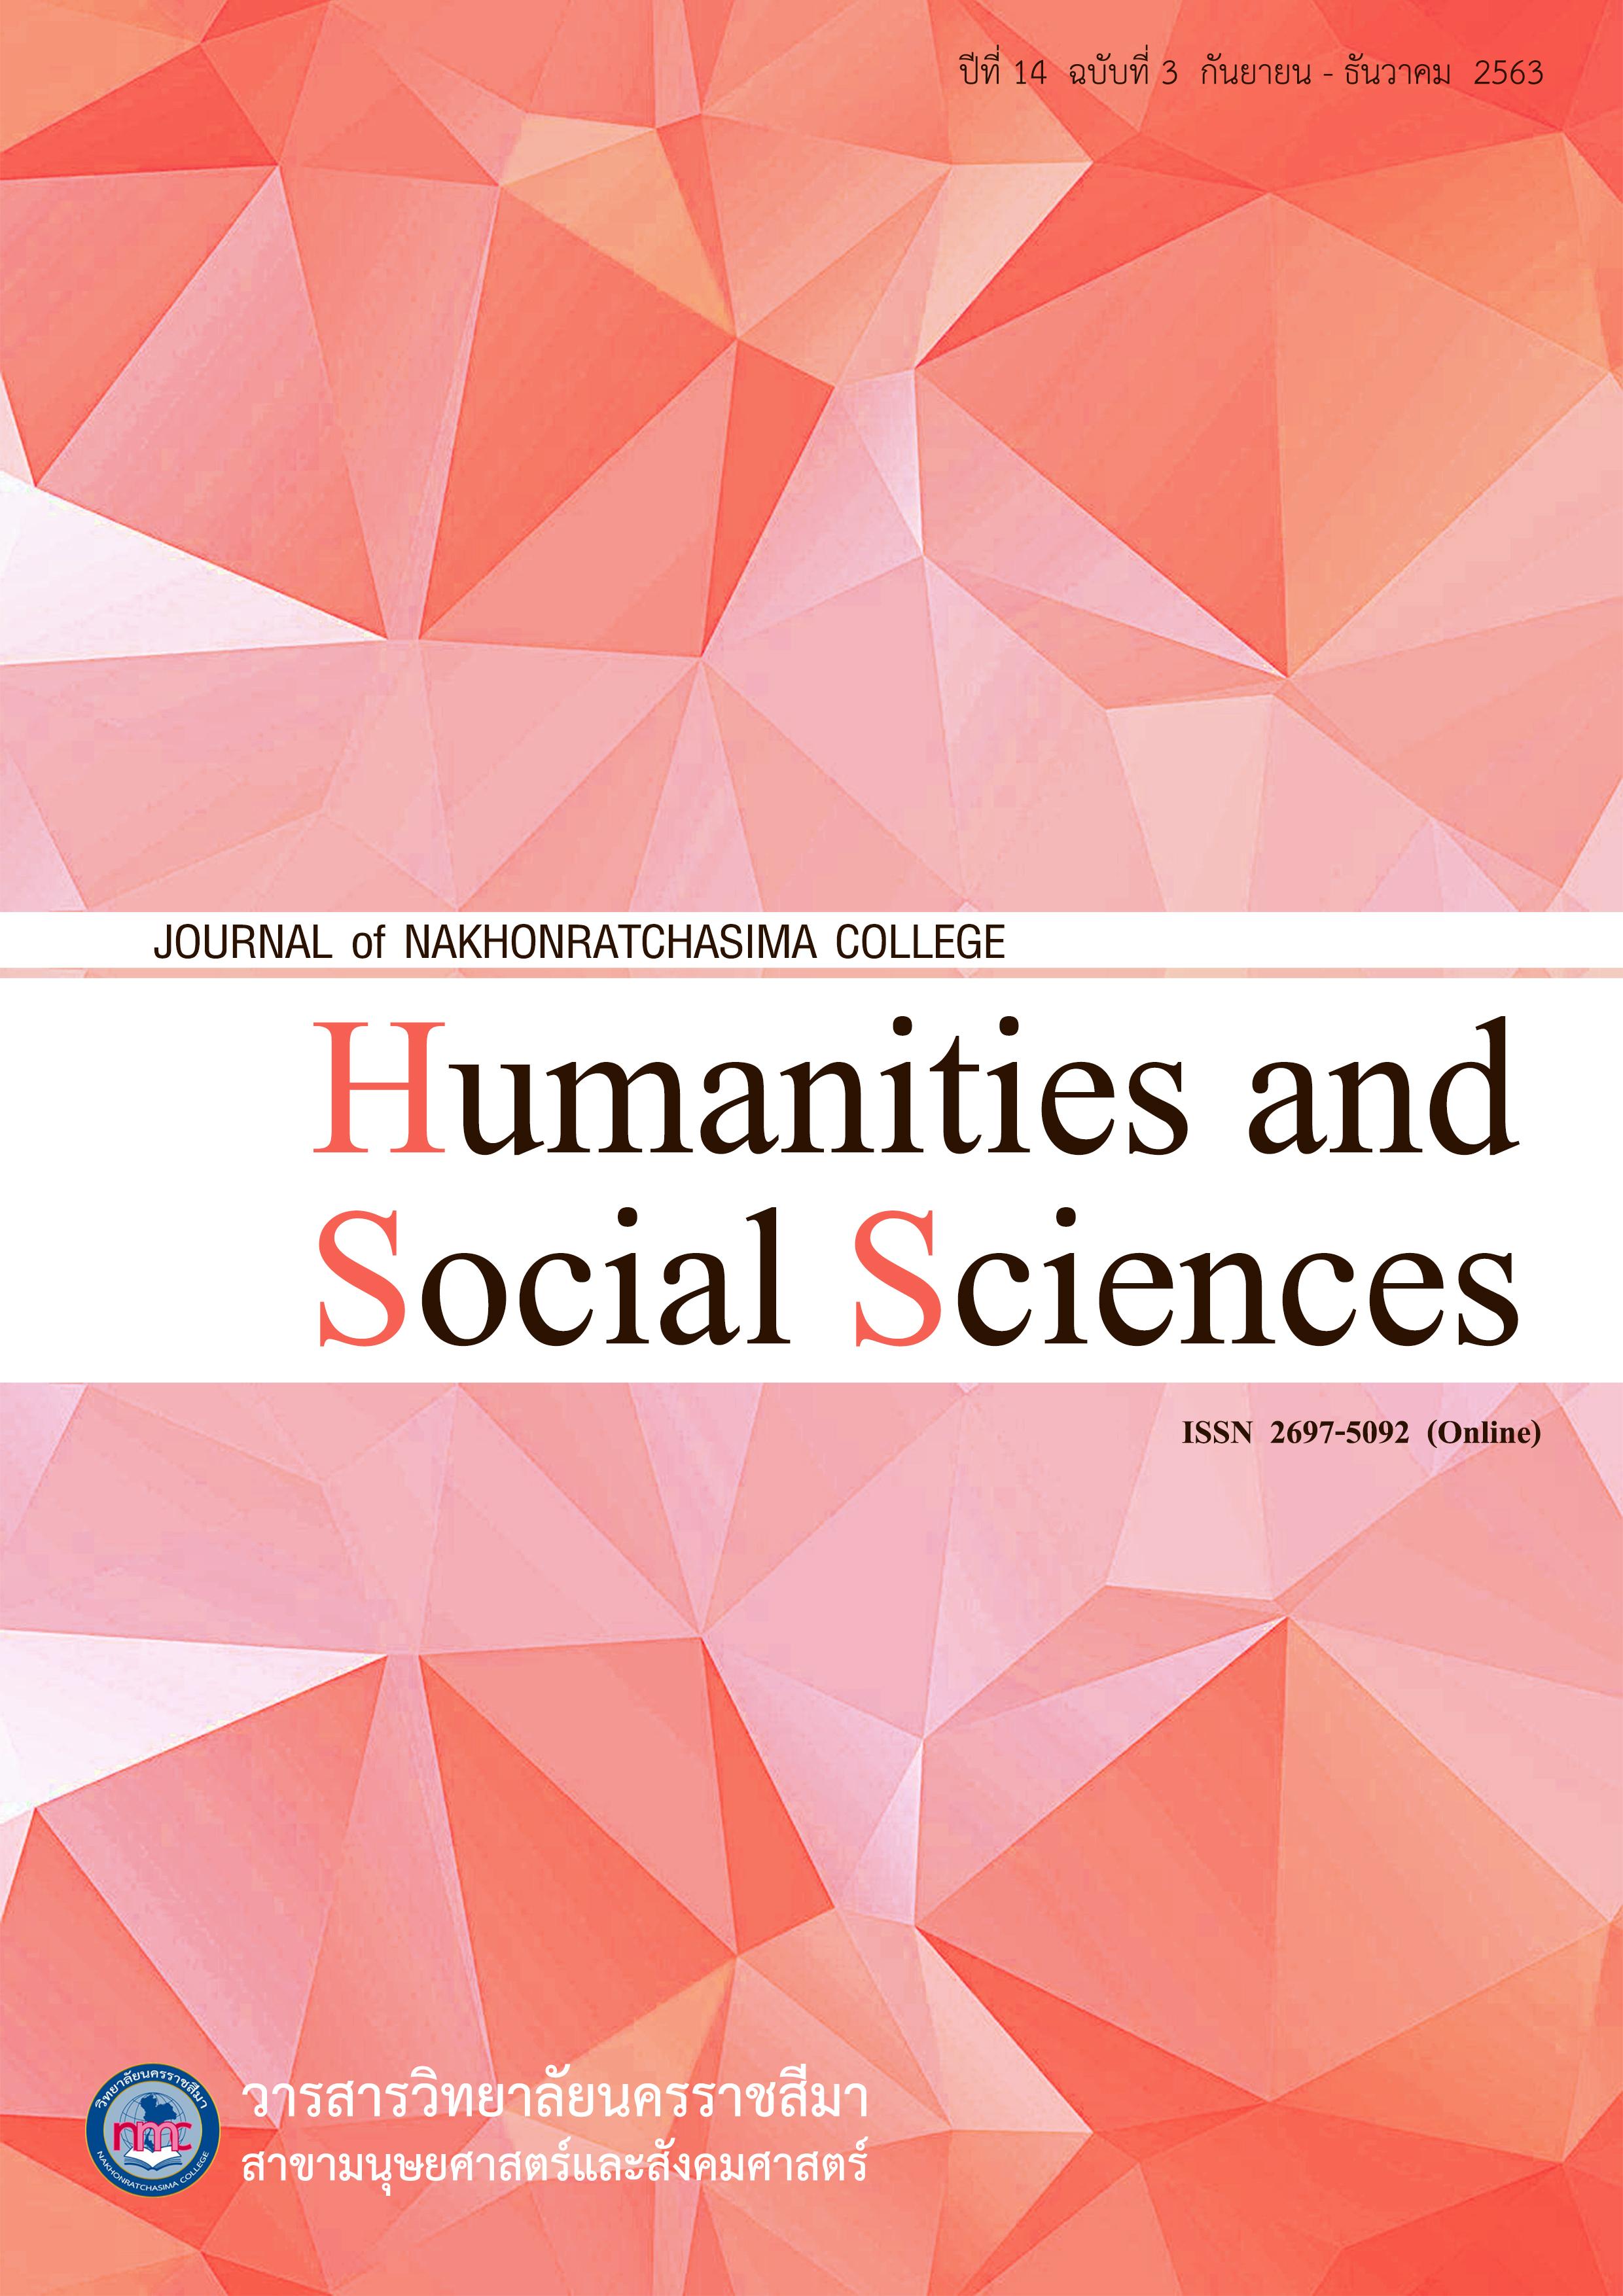 วารสารวิชาการ สาขามนุษยศาสตร์และสังคมศาสตร์